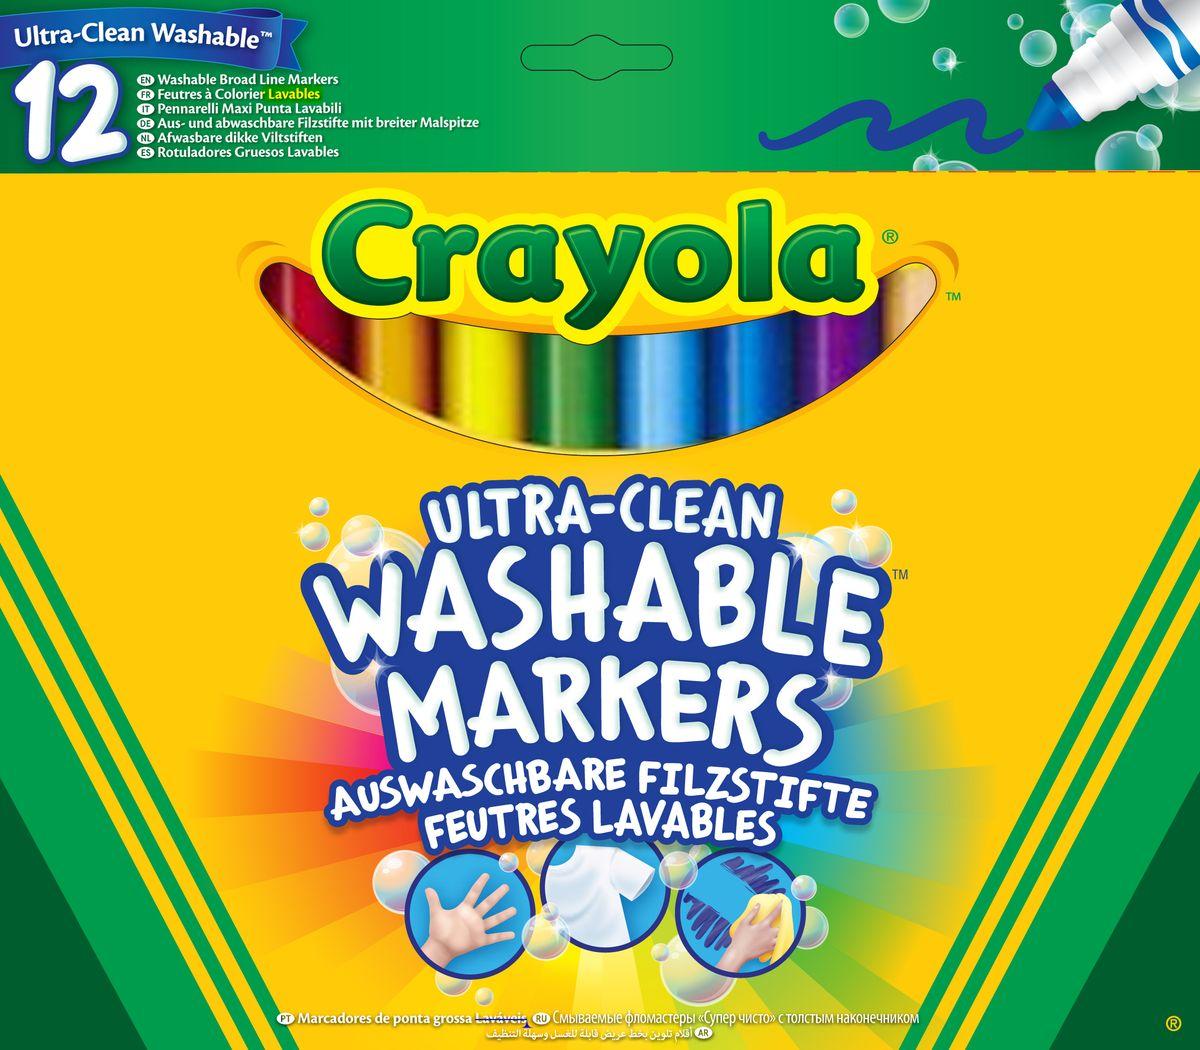 Crayola Набор фломастеров Супер чисто 12 шт58-8329Дети так любят рисовать! Поэтому набор фломастеров Crayola Супер чисто обязательно понравится юным художникам. 12 цветов позволят широко развернуться в творческом полете, ведь чем больше ярких красок, тем красивее будет готовая картинка! Это необыкновенные фломастеры. Их главное достоинство и особенность в том, что они легко смываются с «холста» с помощью воды. Поэтому если вдруг ребенок захочет разукрасить стену или обои, не ругайтесь на маленькое дарование. Фломастеры сделаны из материалов, прошедших строгий контроль качества, поэтому они безопасны для будущего Пикассо. Насыщенные, роскошные цвета восхитят малыша, а мягкая линия нанесения позволит рисовать без проблем. Создавая живописные шедевры, малыш будет и наслаждаться своим хобби, и развиваться. Ведь рисование тренирует мелкую моторику, воображение, фантазию, а также творческие навыки. Crayola созданы для настоящих творцов! Рекомендуемый возраст: от 3 лет.